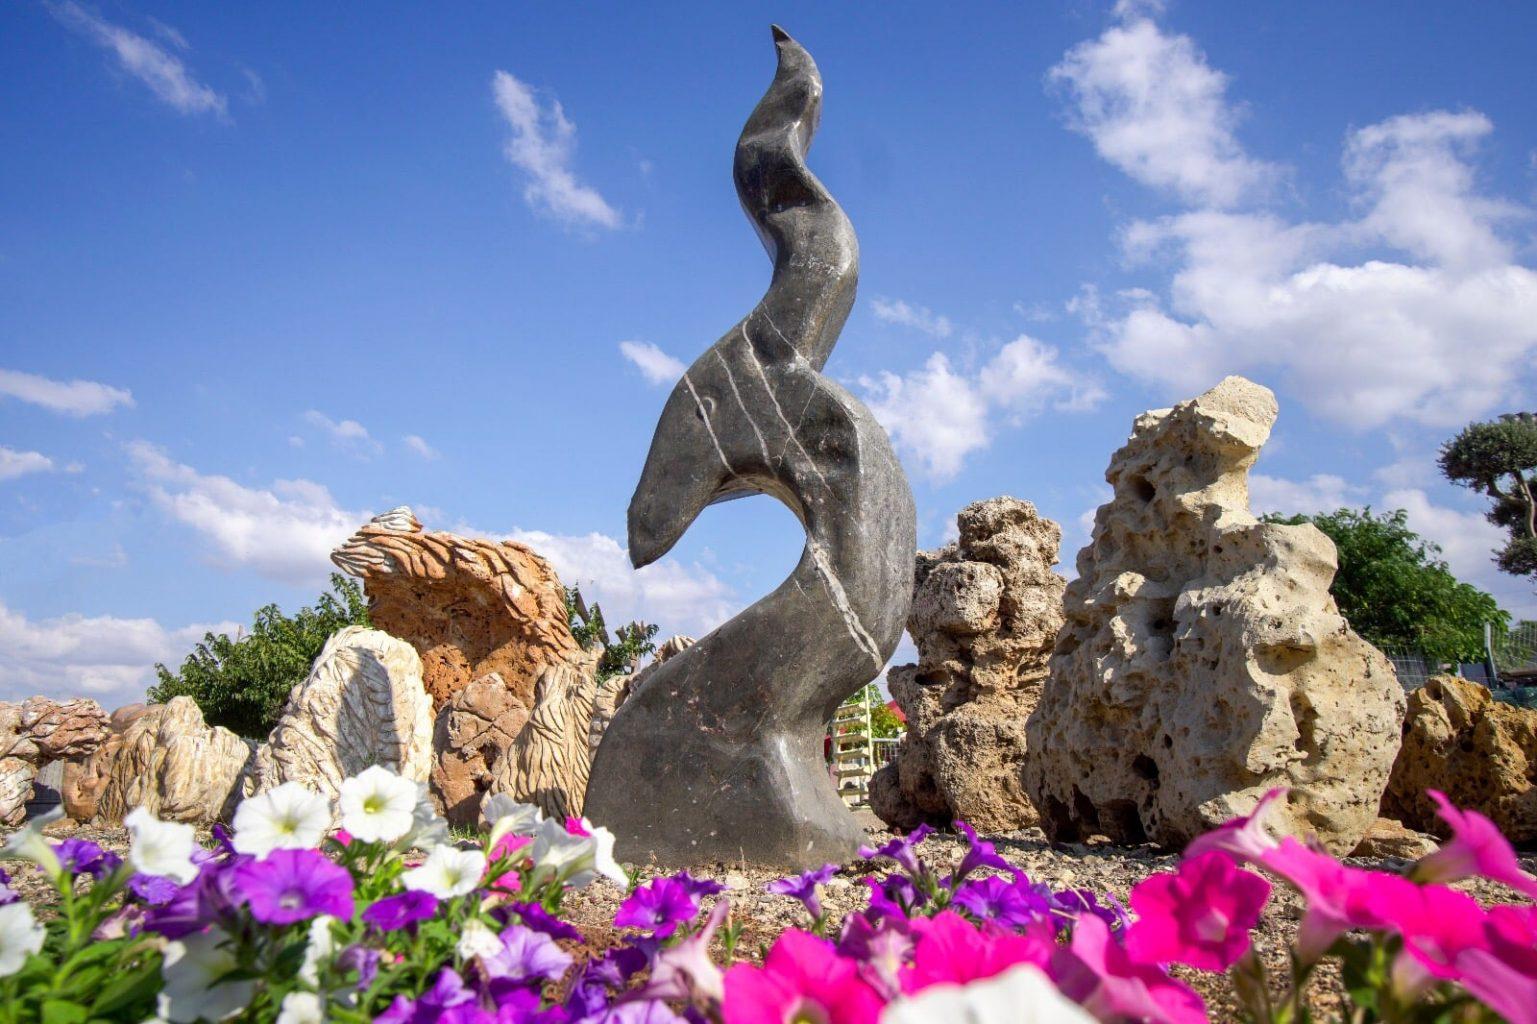 אומנות בסלע סלעים פיסול ליטוש אמן אומן לבית לחצר לגינה זול